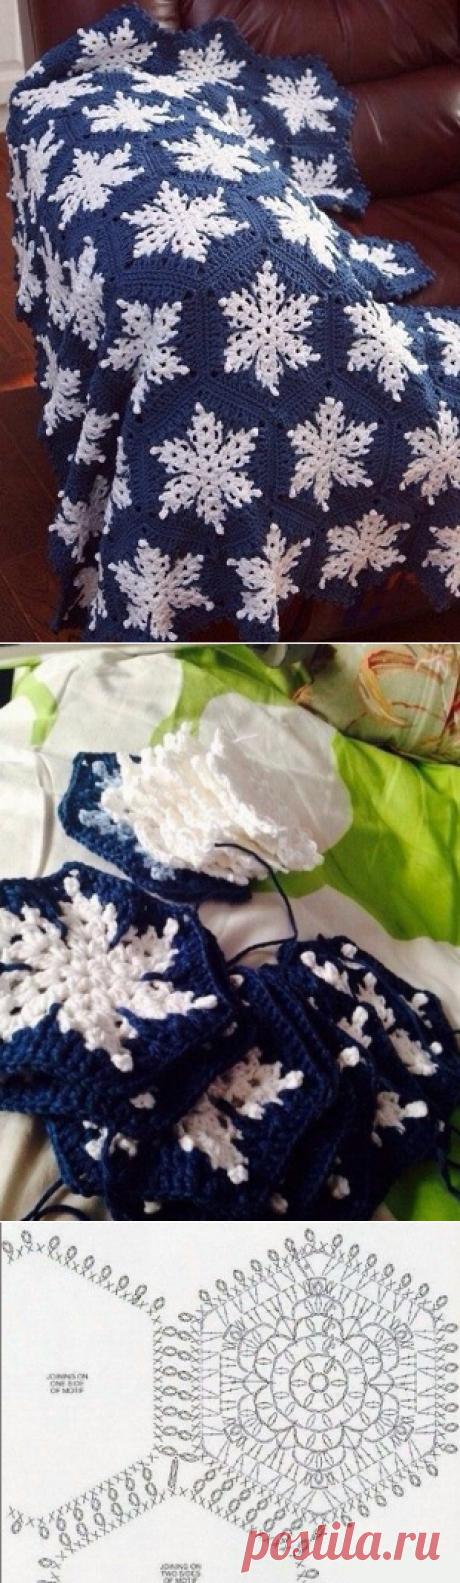 Плед крючком. Подборка красивых моделей со схемами | Модное вязание | Яндекс Дзен